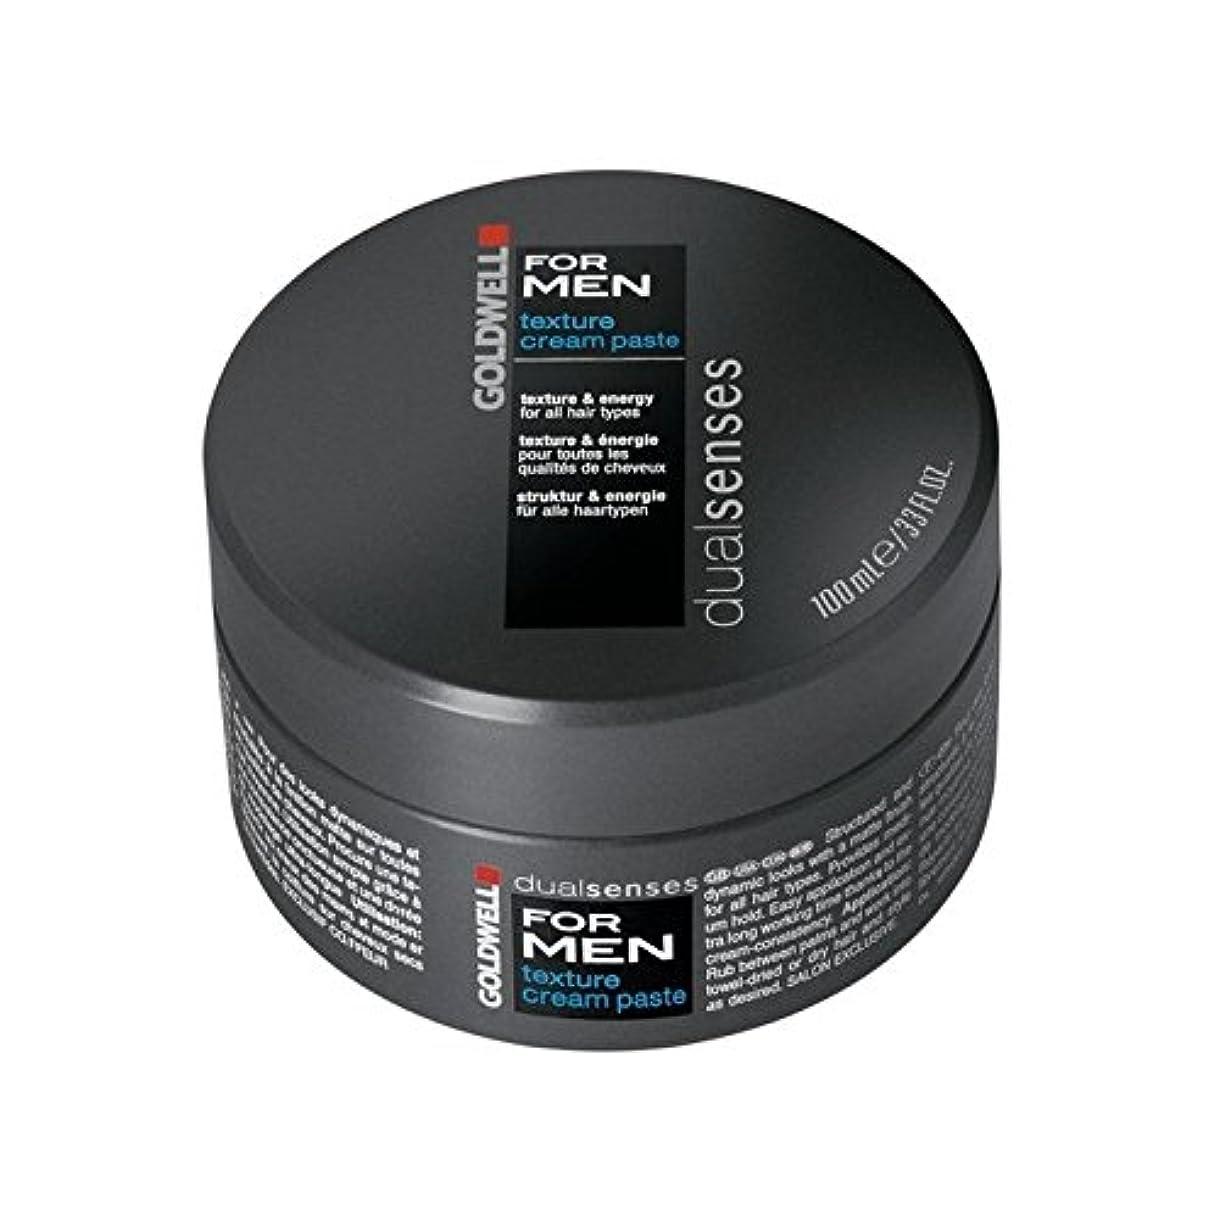 防衛風が強い太い男性のテクスチャーのクリームペースト(100ミリリットル)のためのの x2 - Goldwell Dualsenses For Men Texture Cream Paste (100ml) (Pack of 2) [並行輸入品]